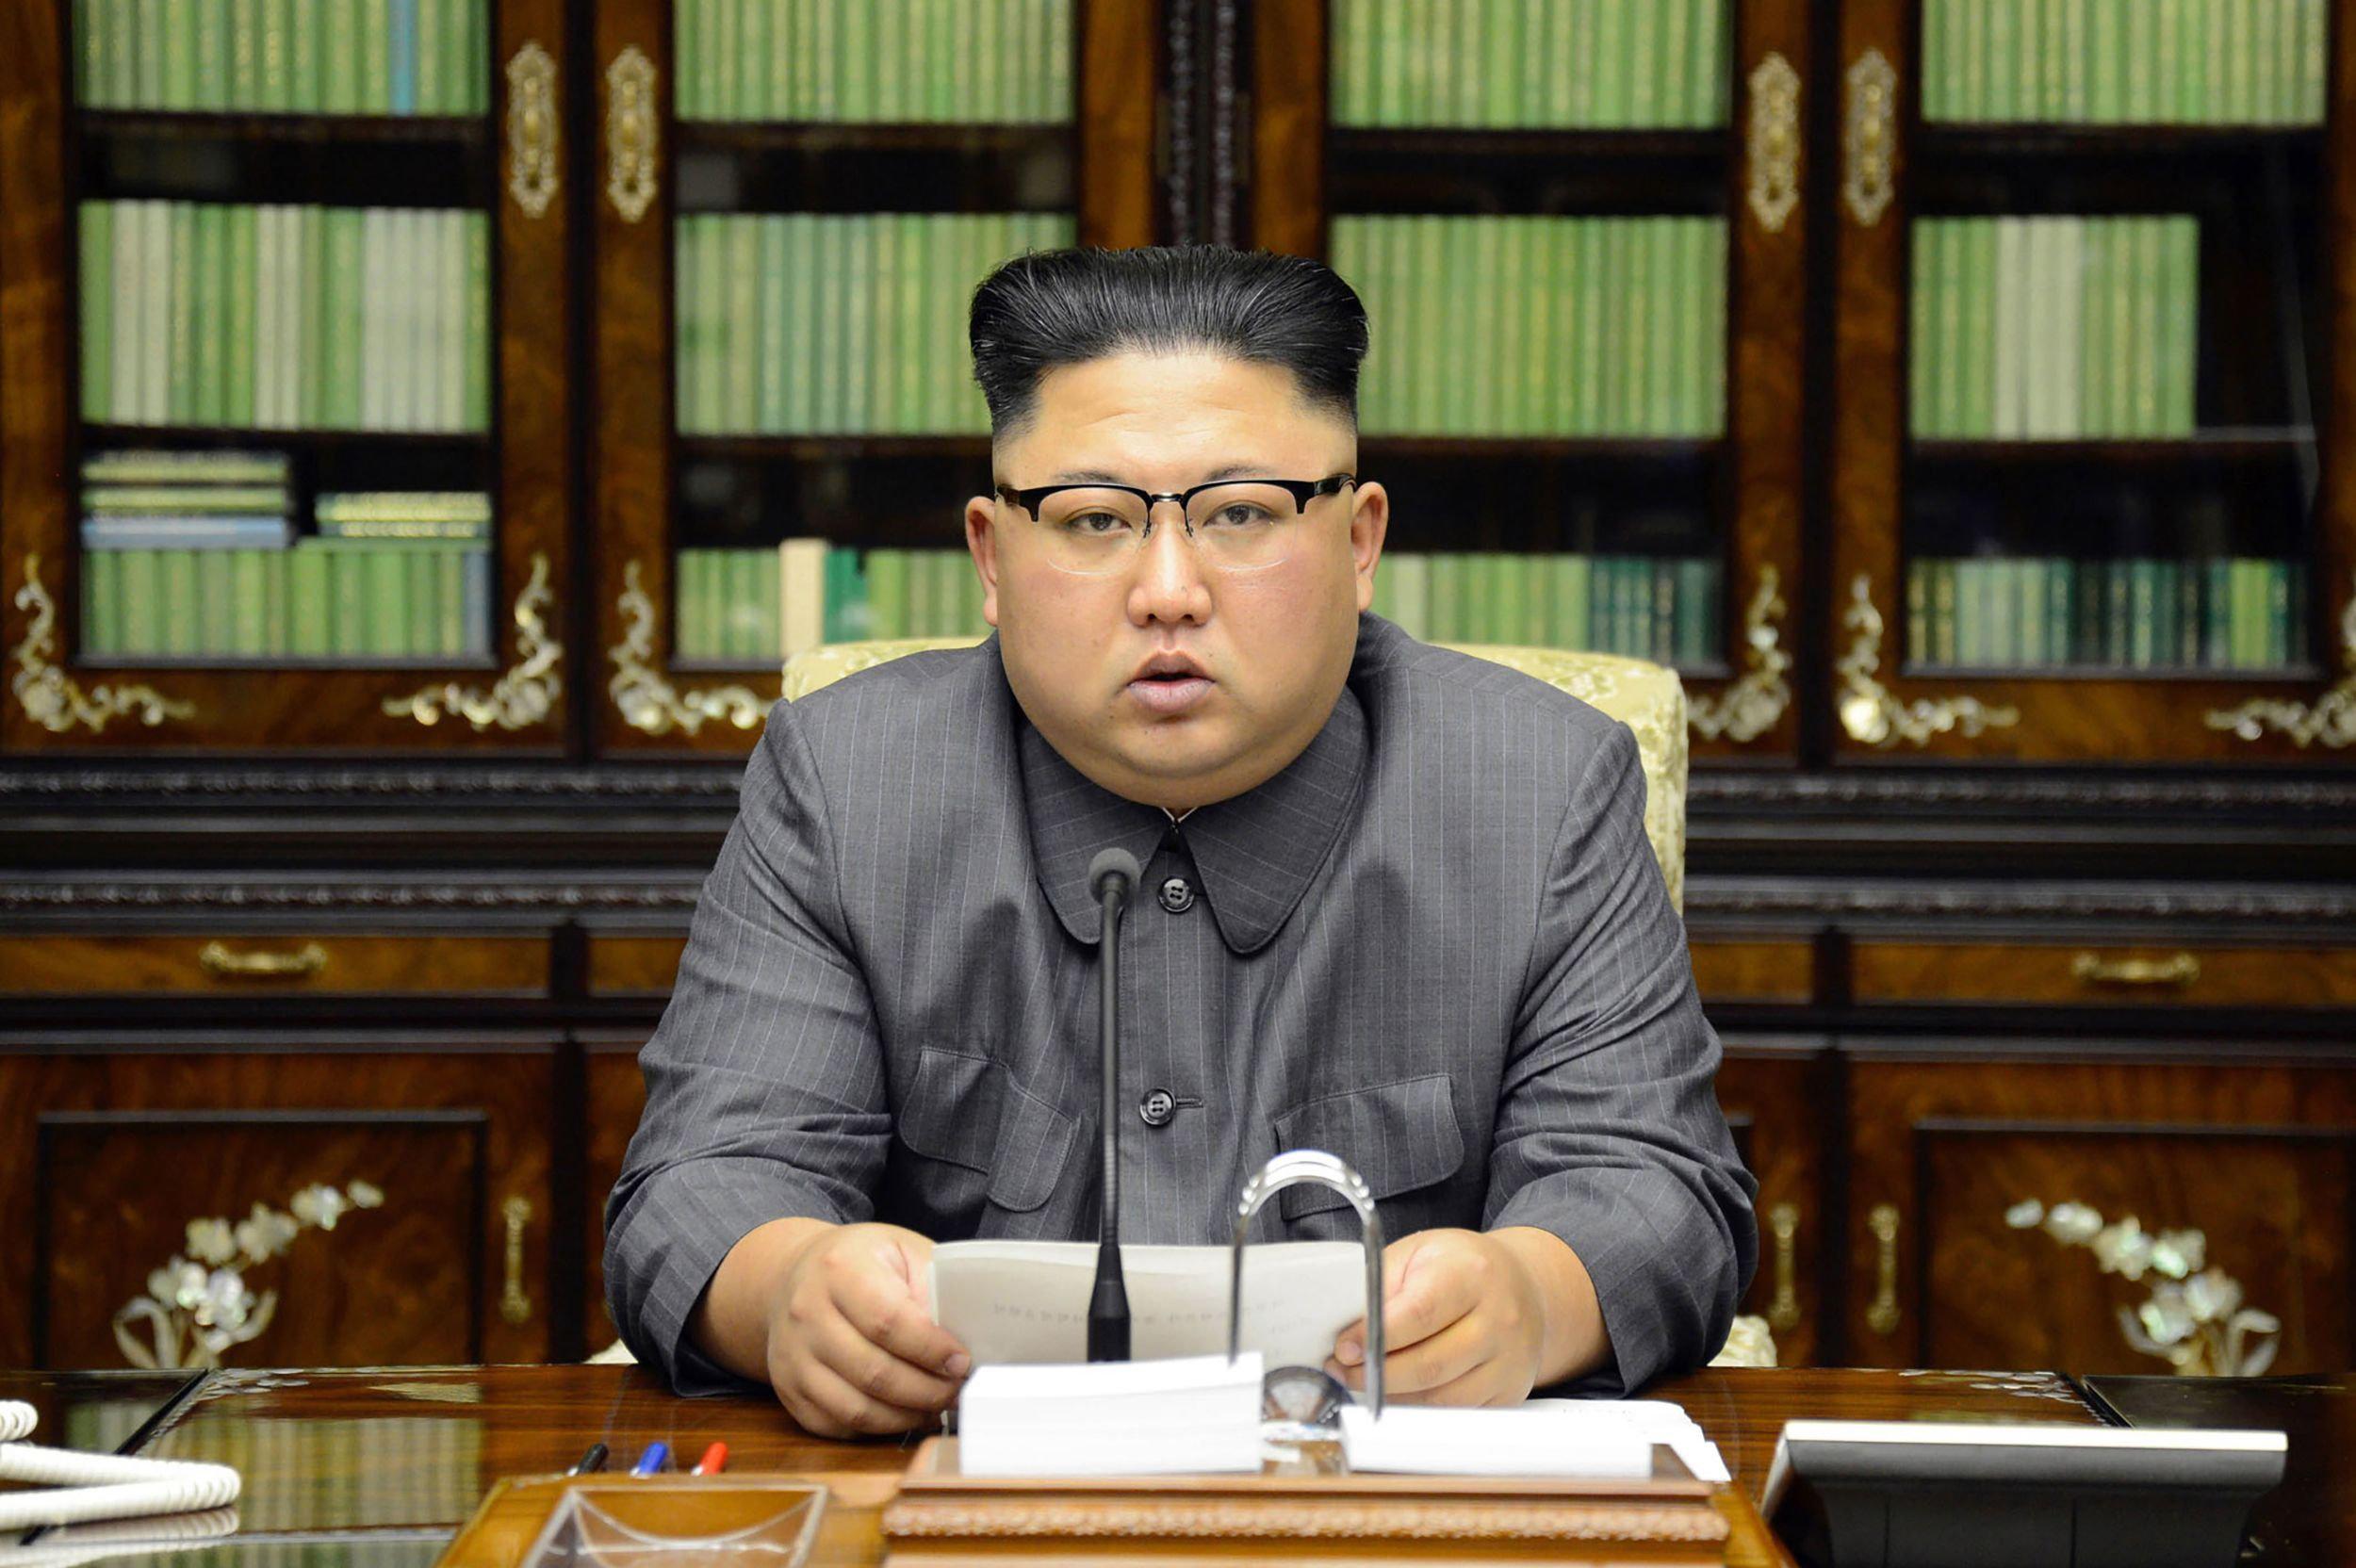 Újságírók a közzétett képekről kiderítették, hogy az észak-koreai diktátornak HTC telefonja, és Apple számítógépe van.